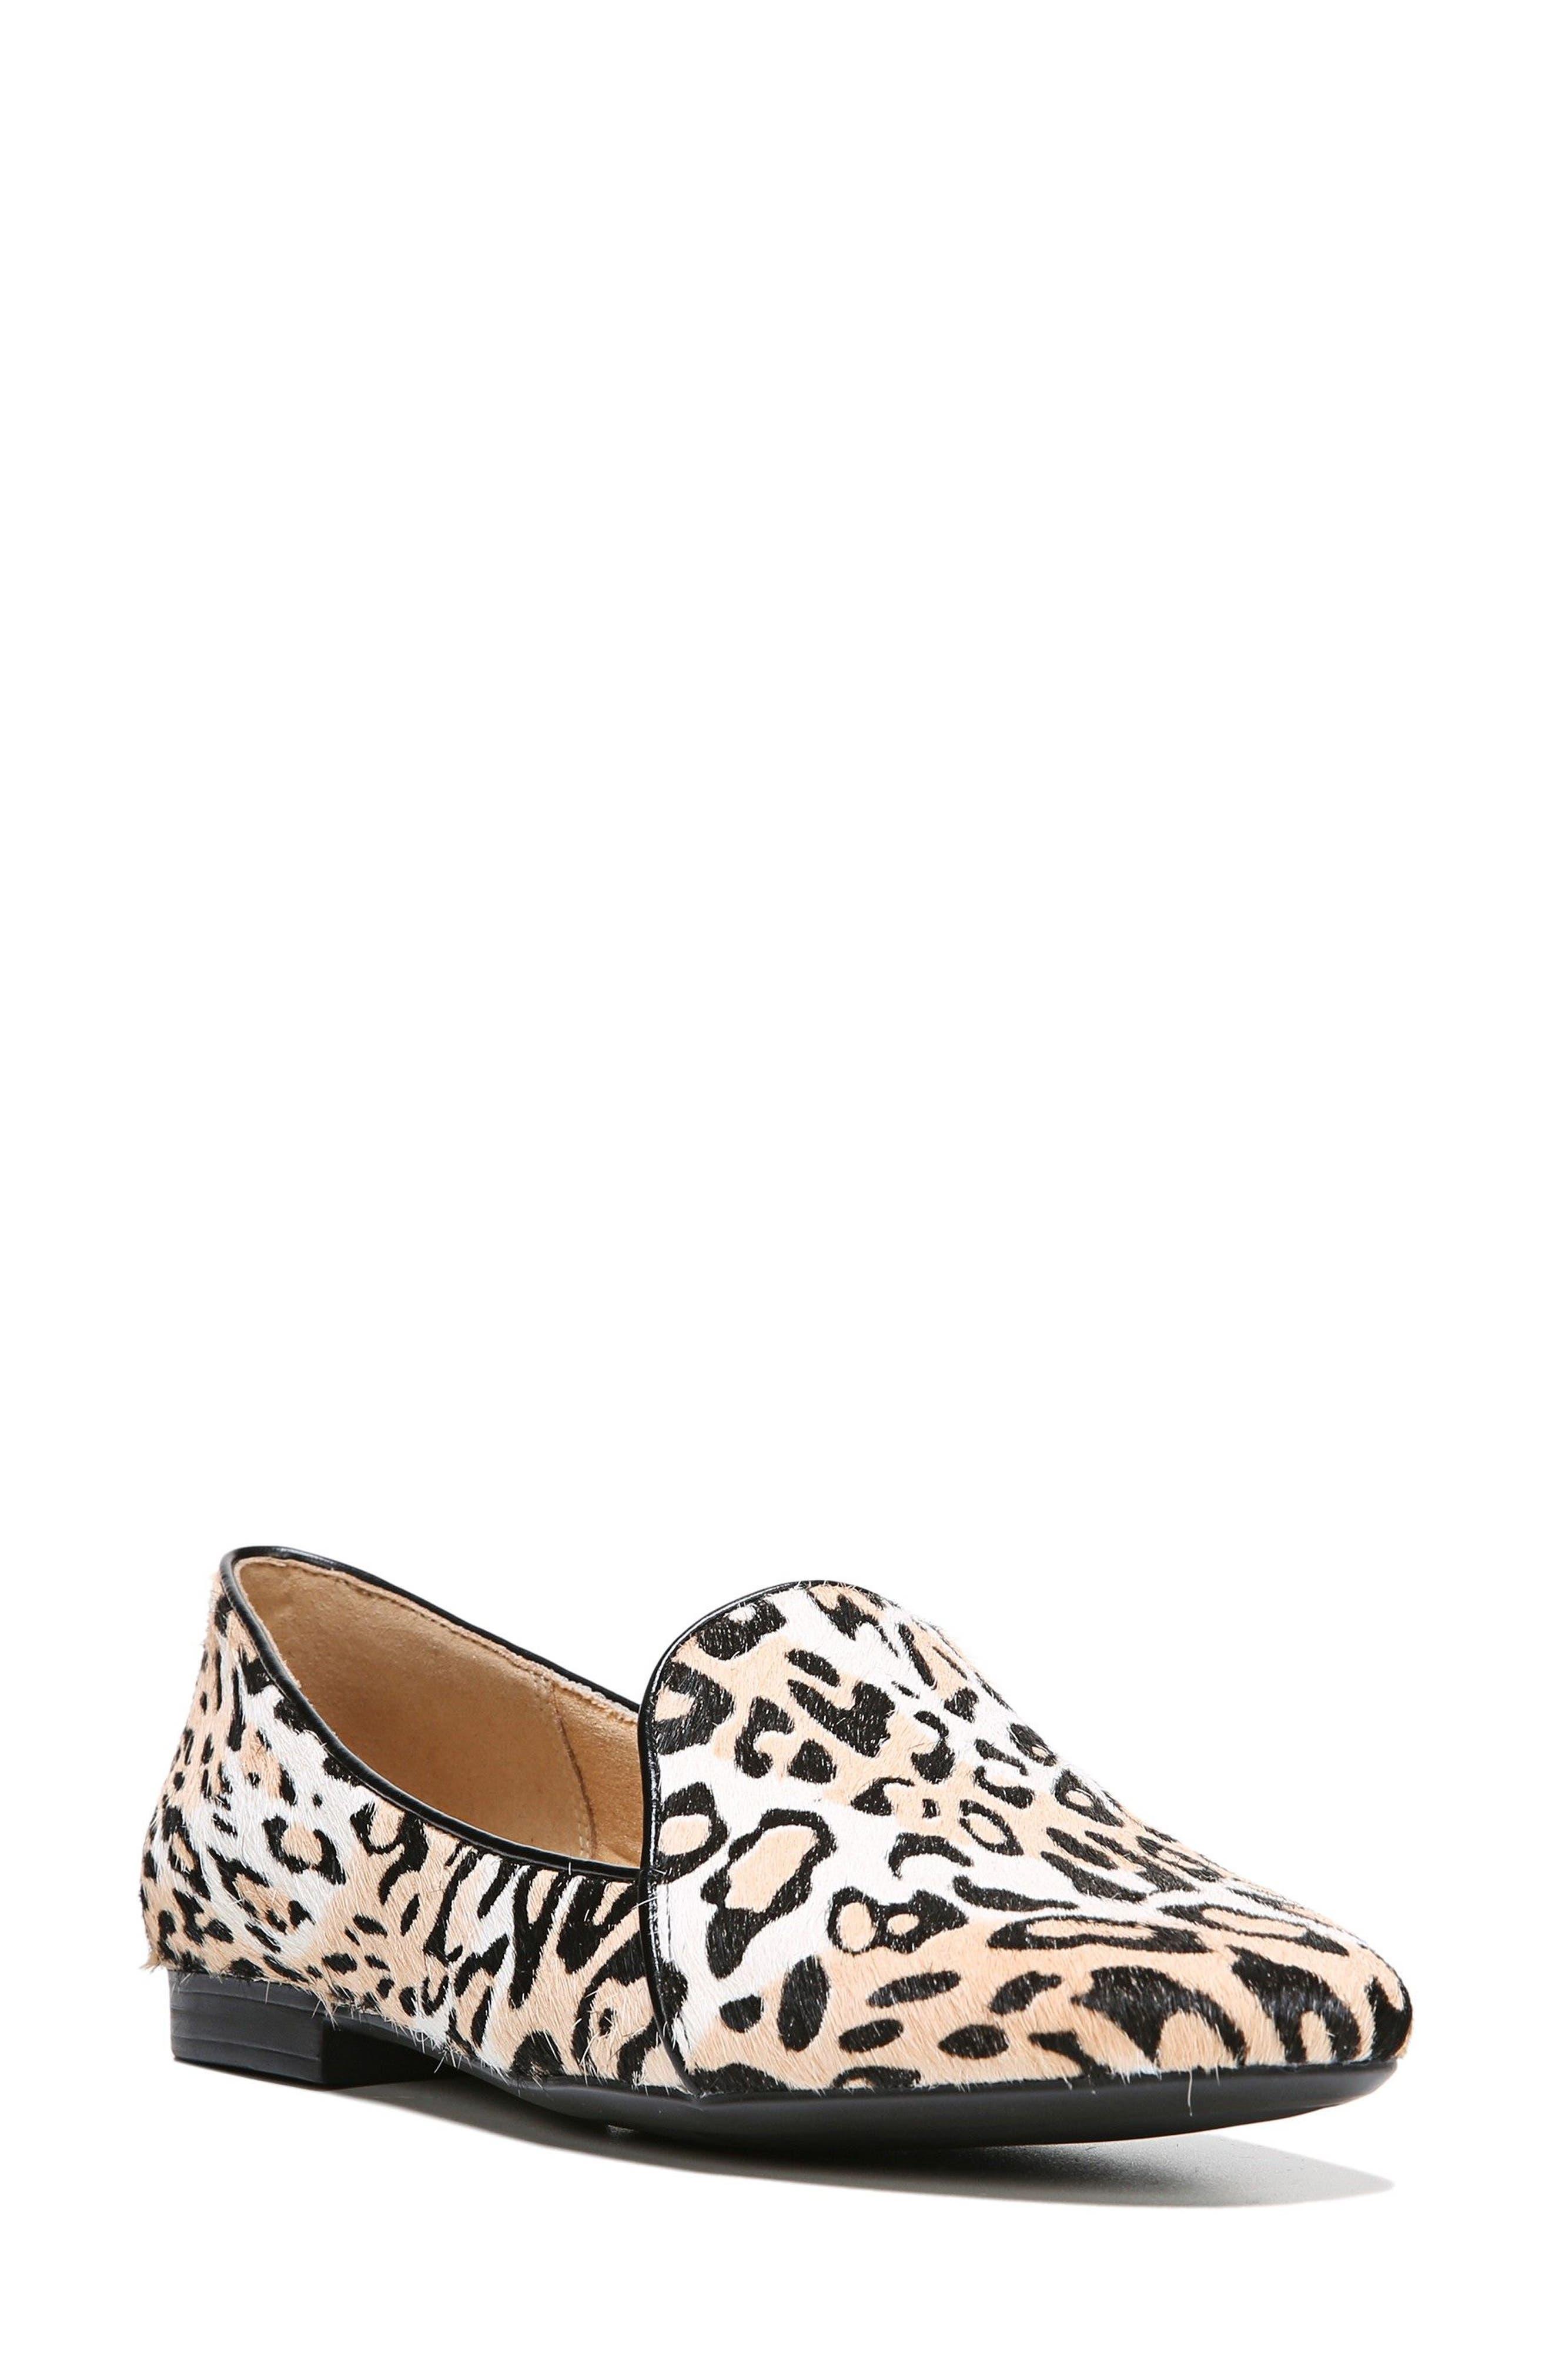 Emiline 2 Loafer,                             Main thumbnail 1, color,                             Cheetah Brahma Hair